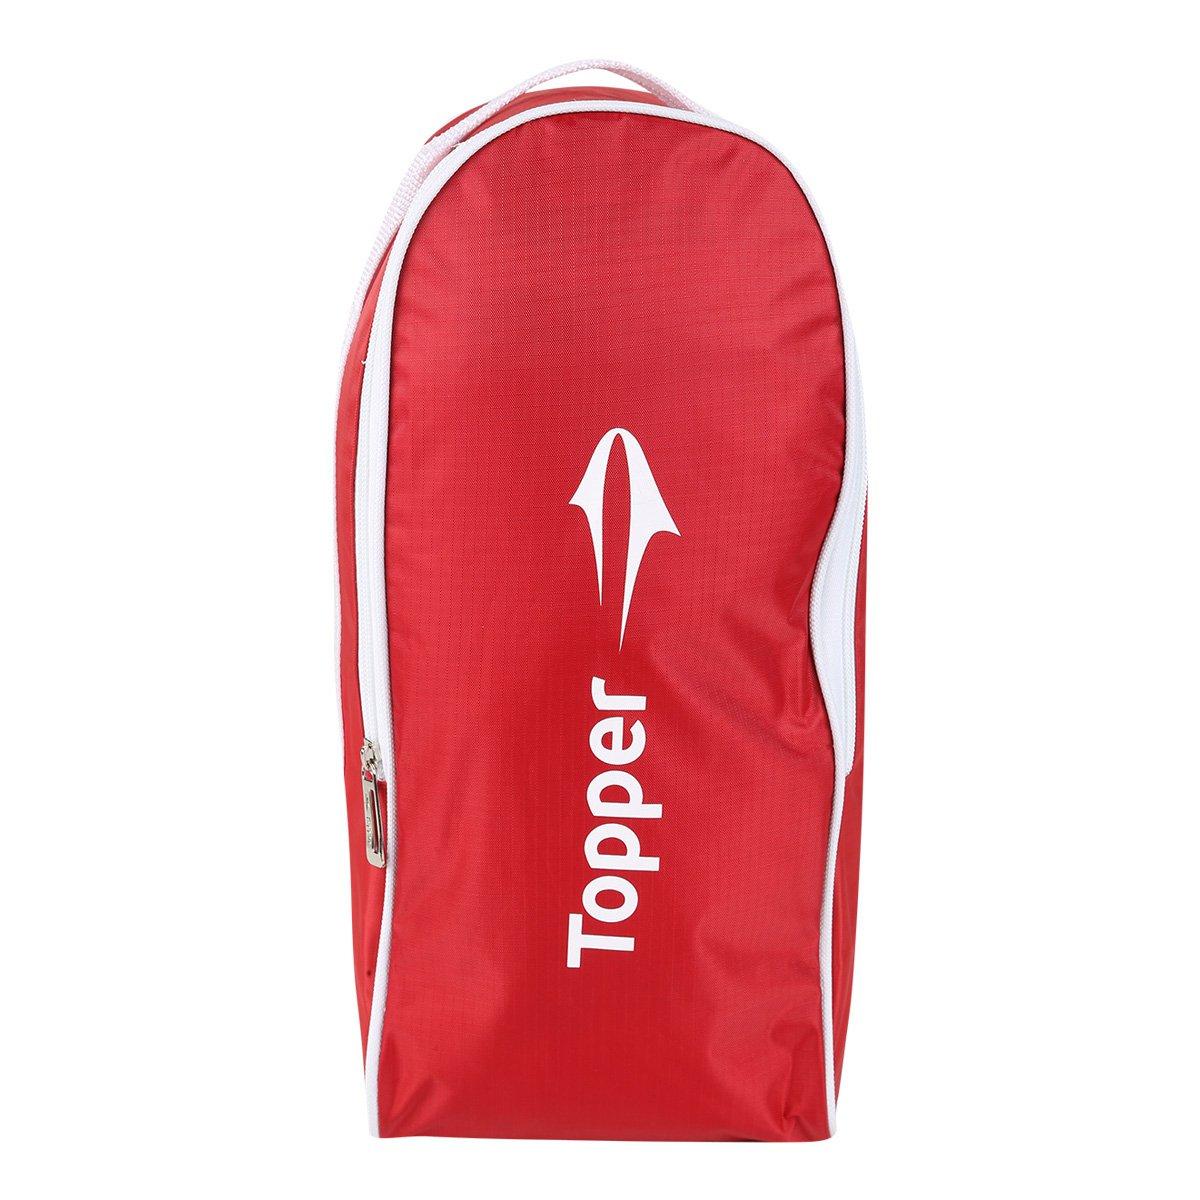 Porta-Chuteira Topper Boot - Compre Agora  aedc62304c3cf